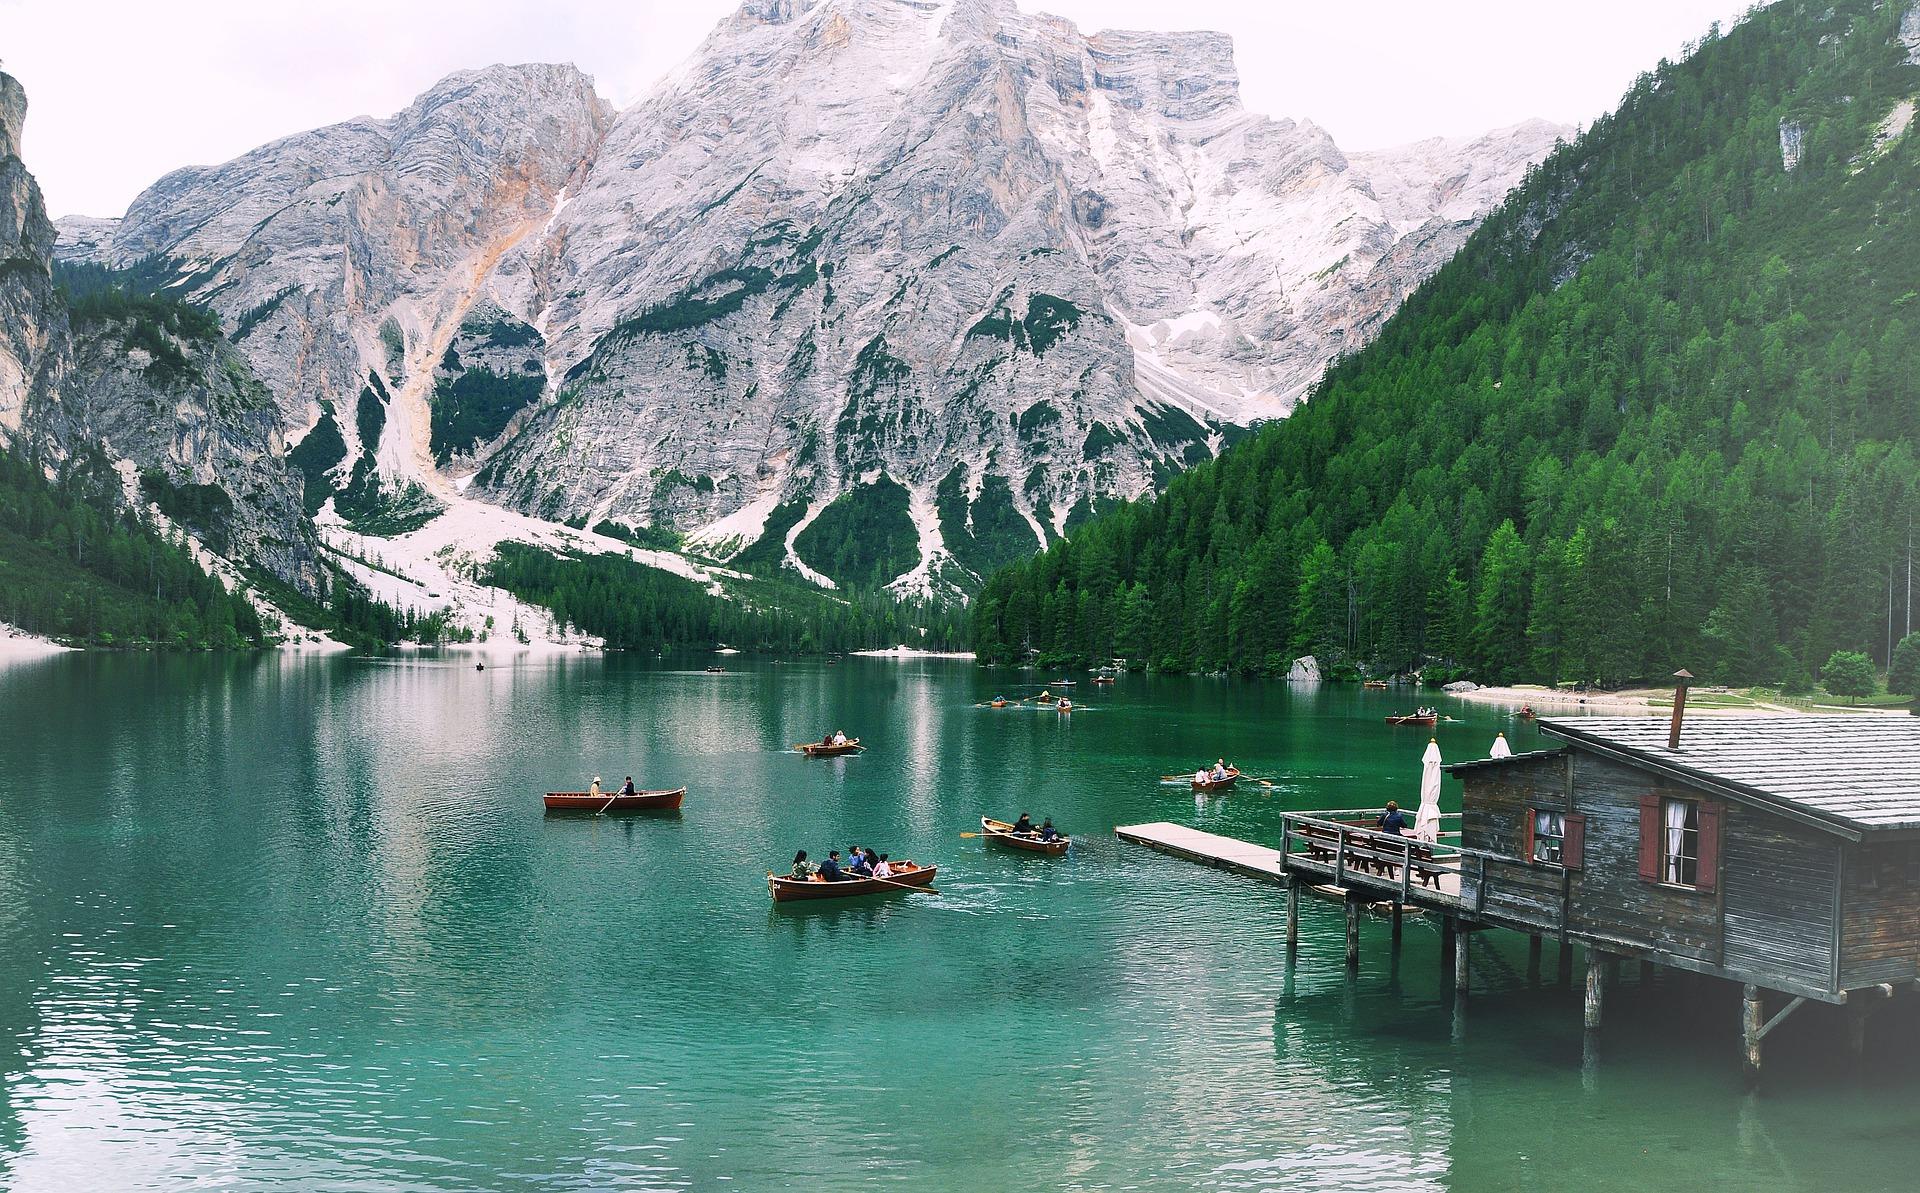 Lago di Braies, lo scorcio incantevole dell'Alto Adige